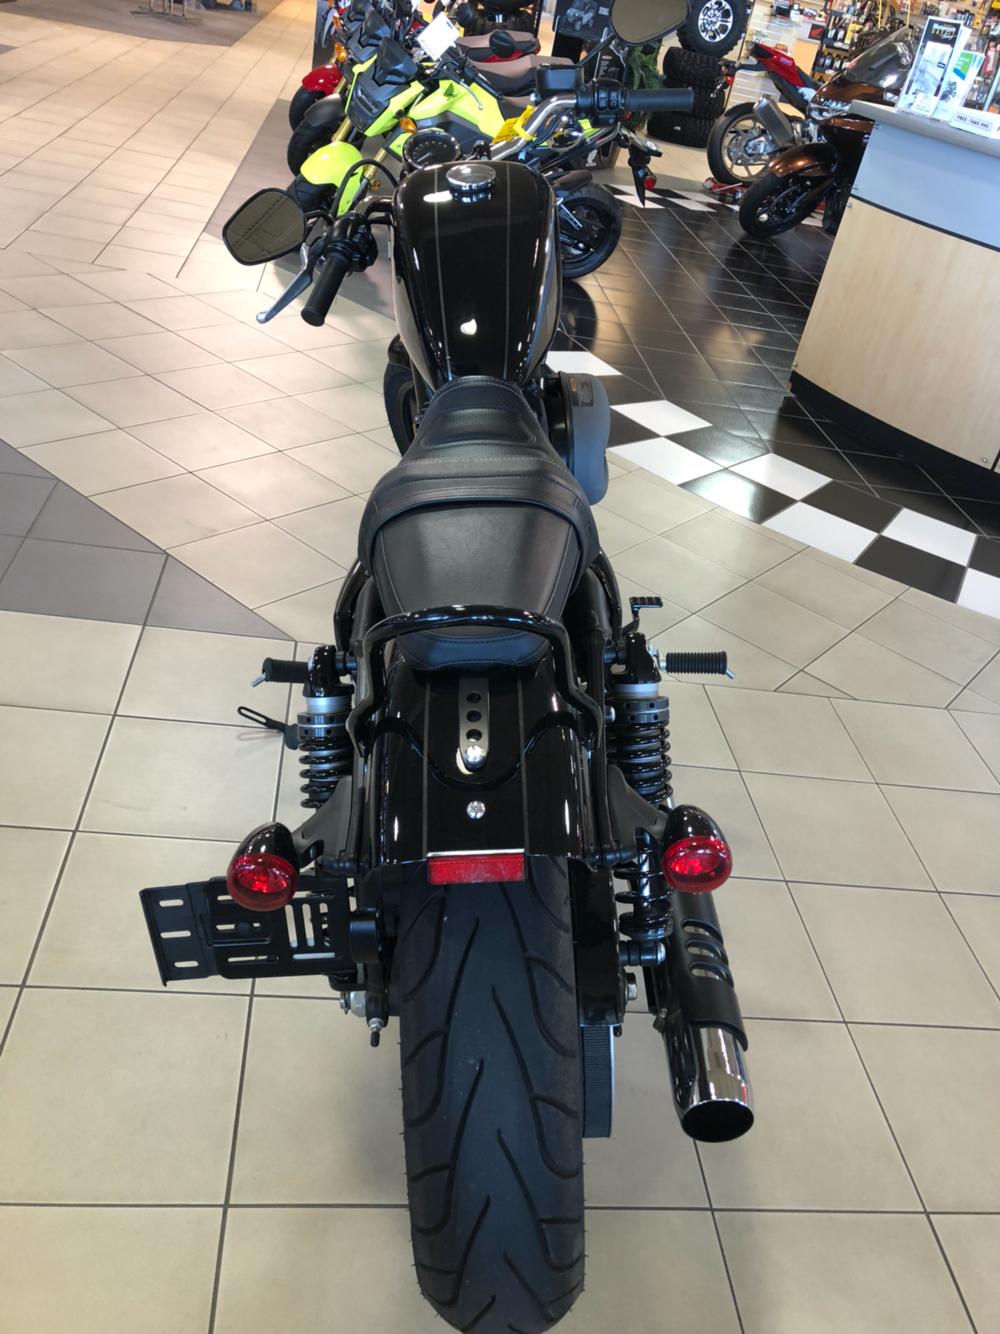 2016 Harley-Davidson Roadster 4